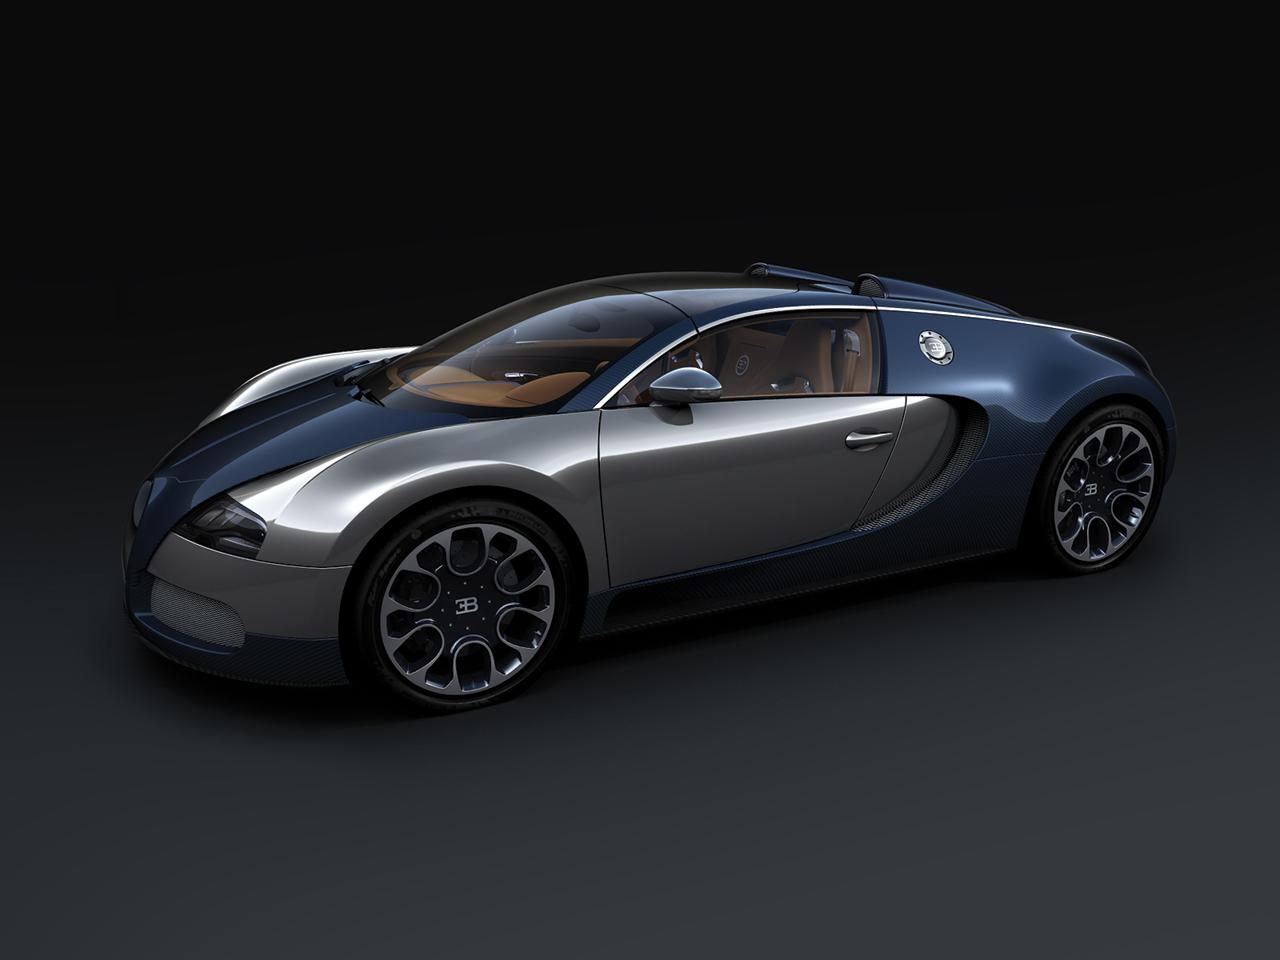 bugatti_veyron_sang-bleu_02.jpg